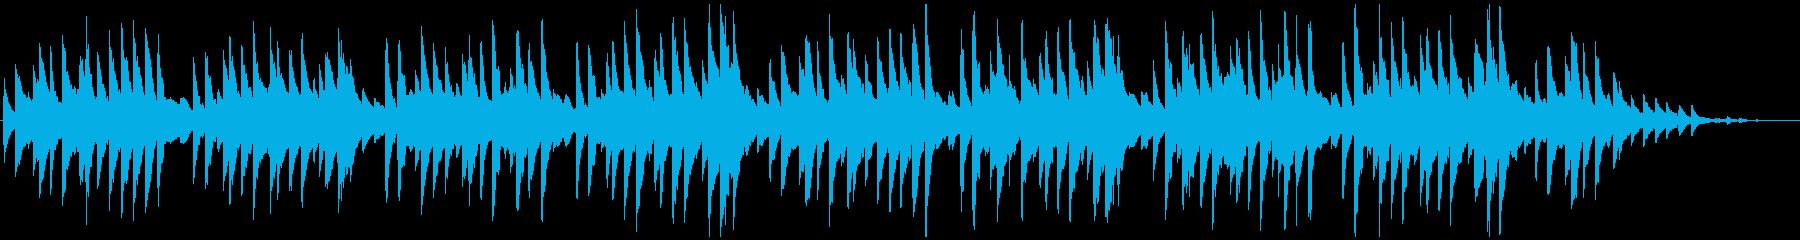 蛍の光 シンプルなピアノソロの再生済みの波形